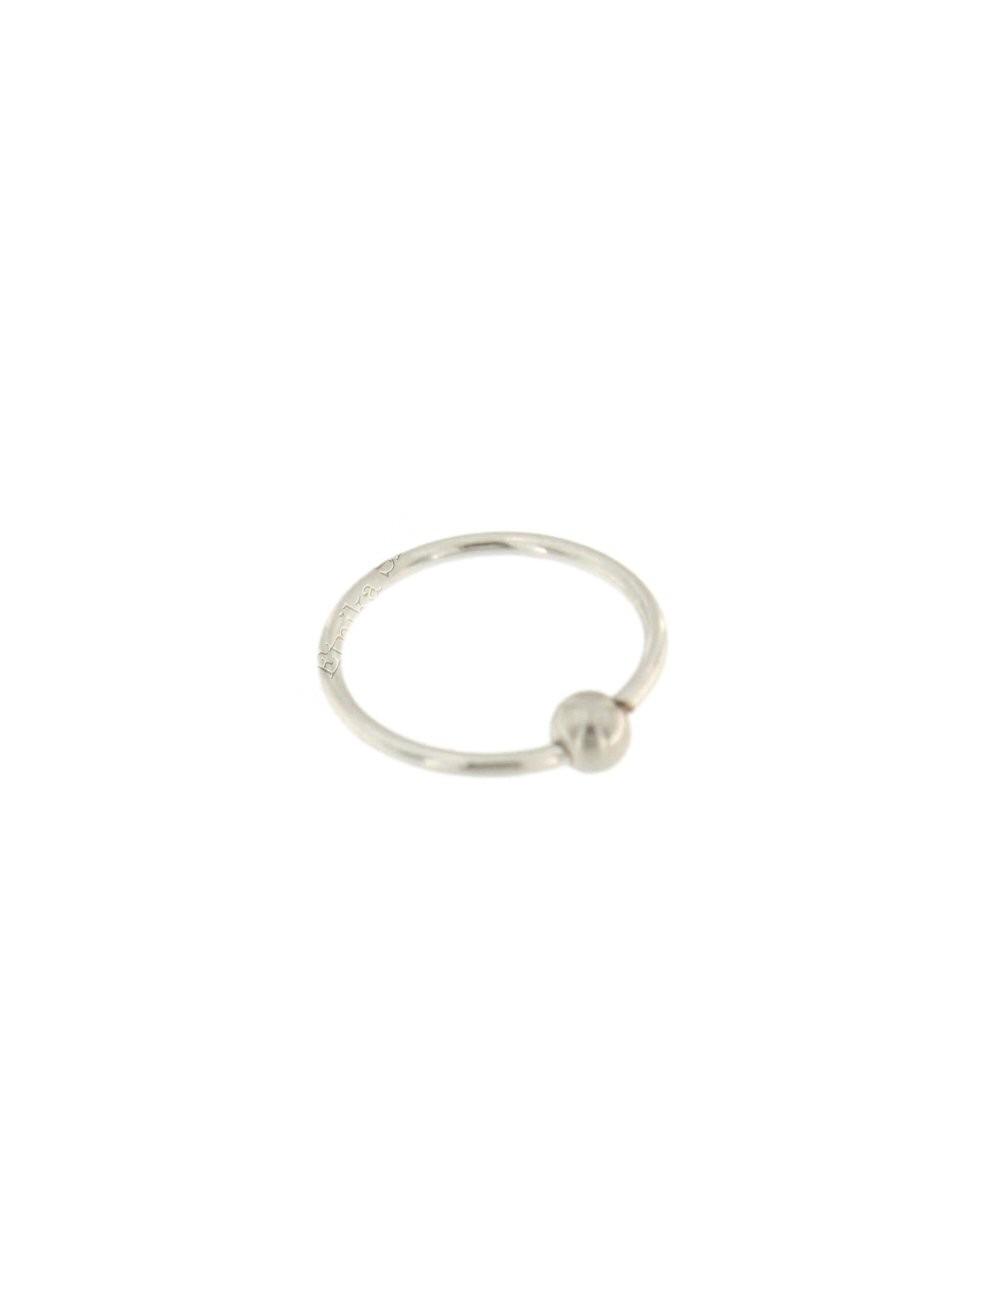 CIRCLE PRC-CAP05_0.8X9 - Oriente Import S.r.l.